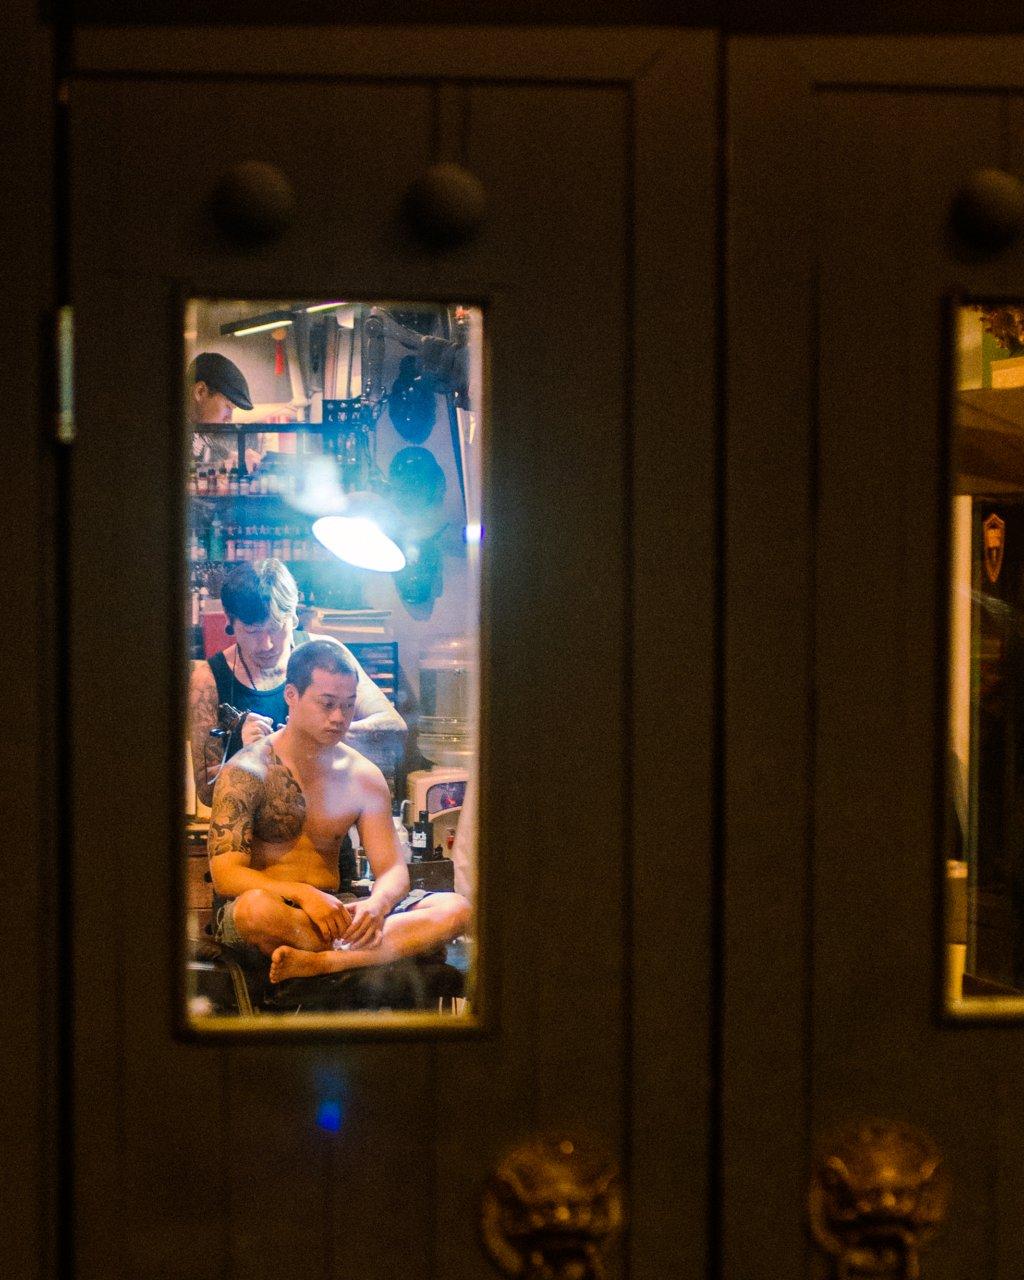 Street shots in Taipei